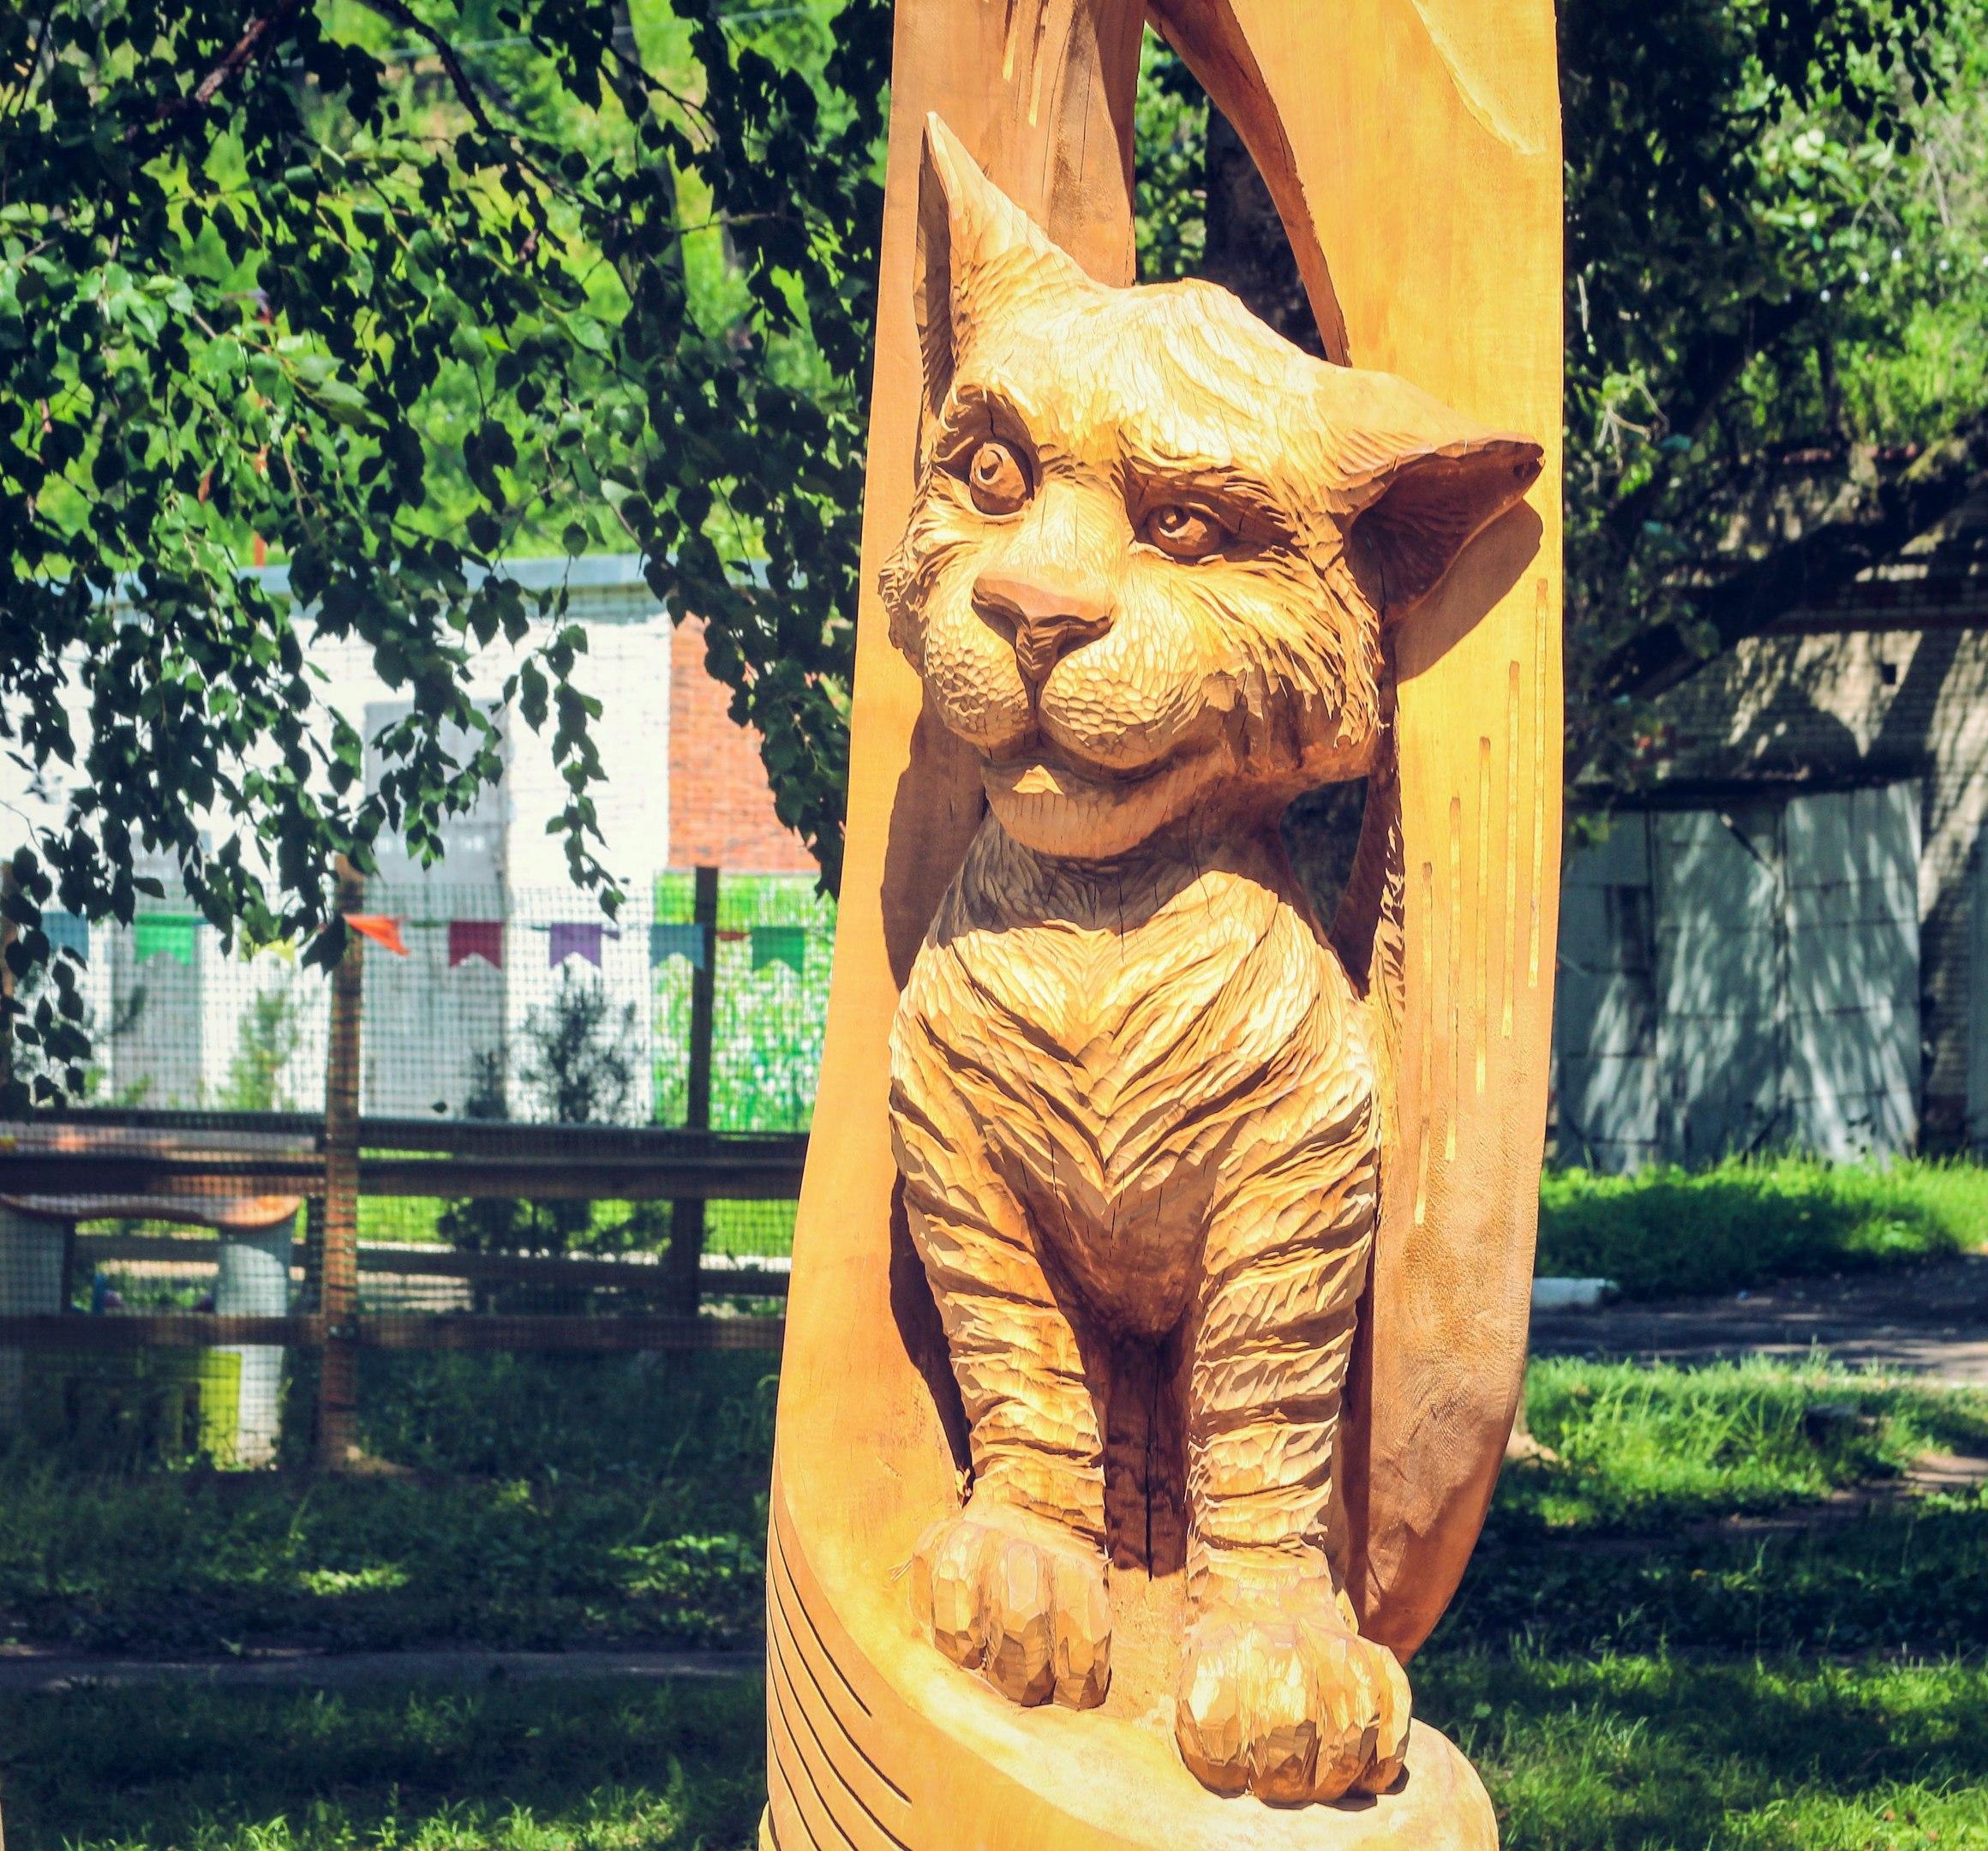 Где у стадиона Ленина спрятали деревянную Муху-Цокотуху